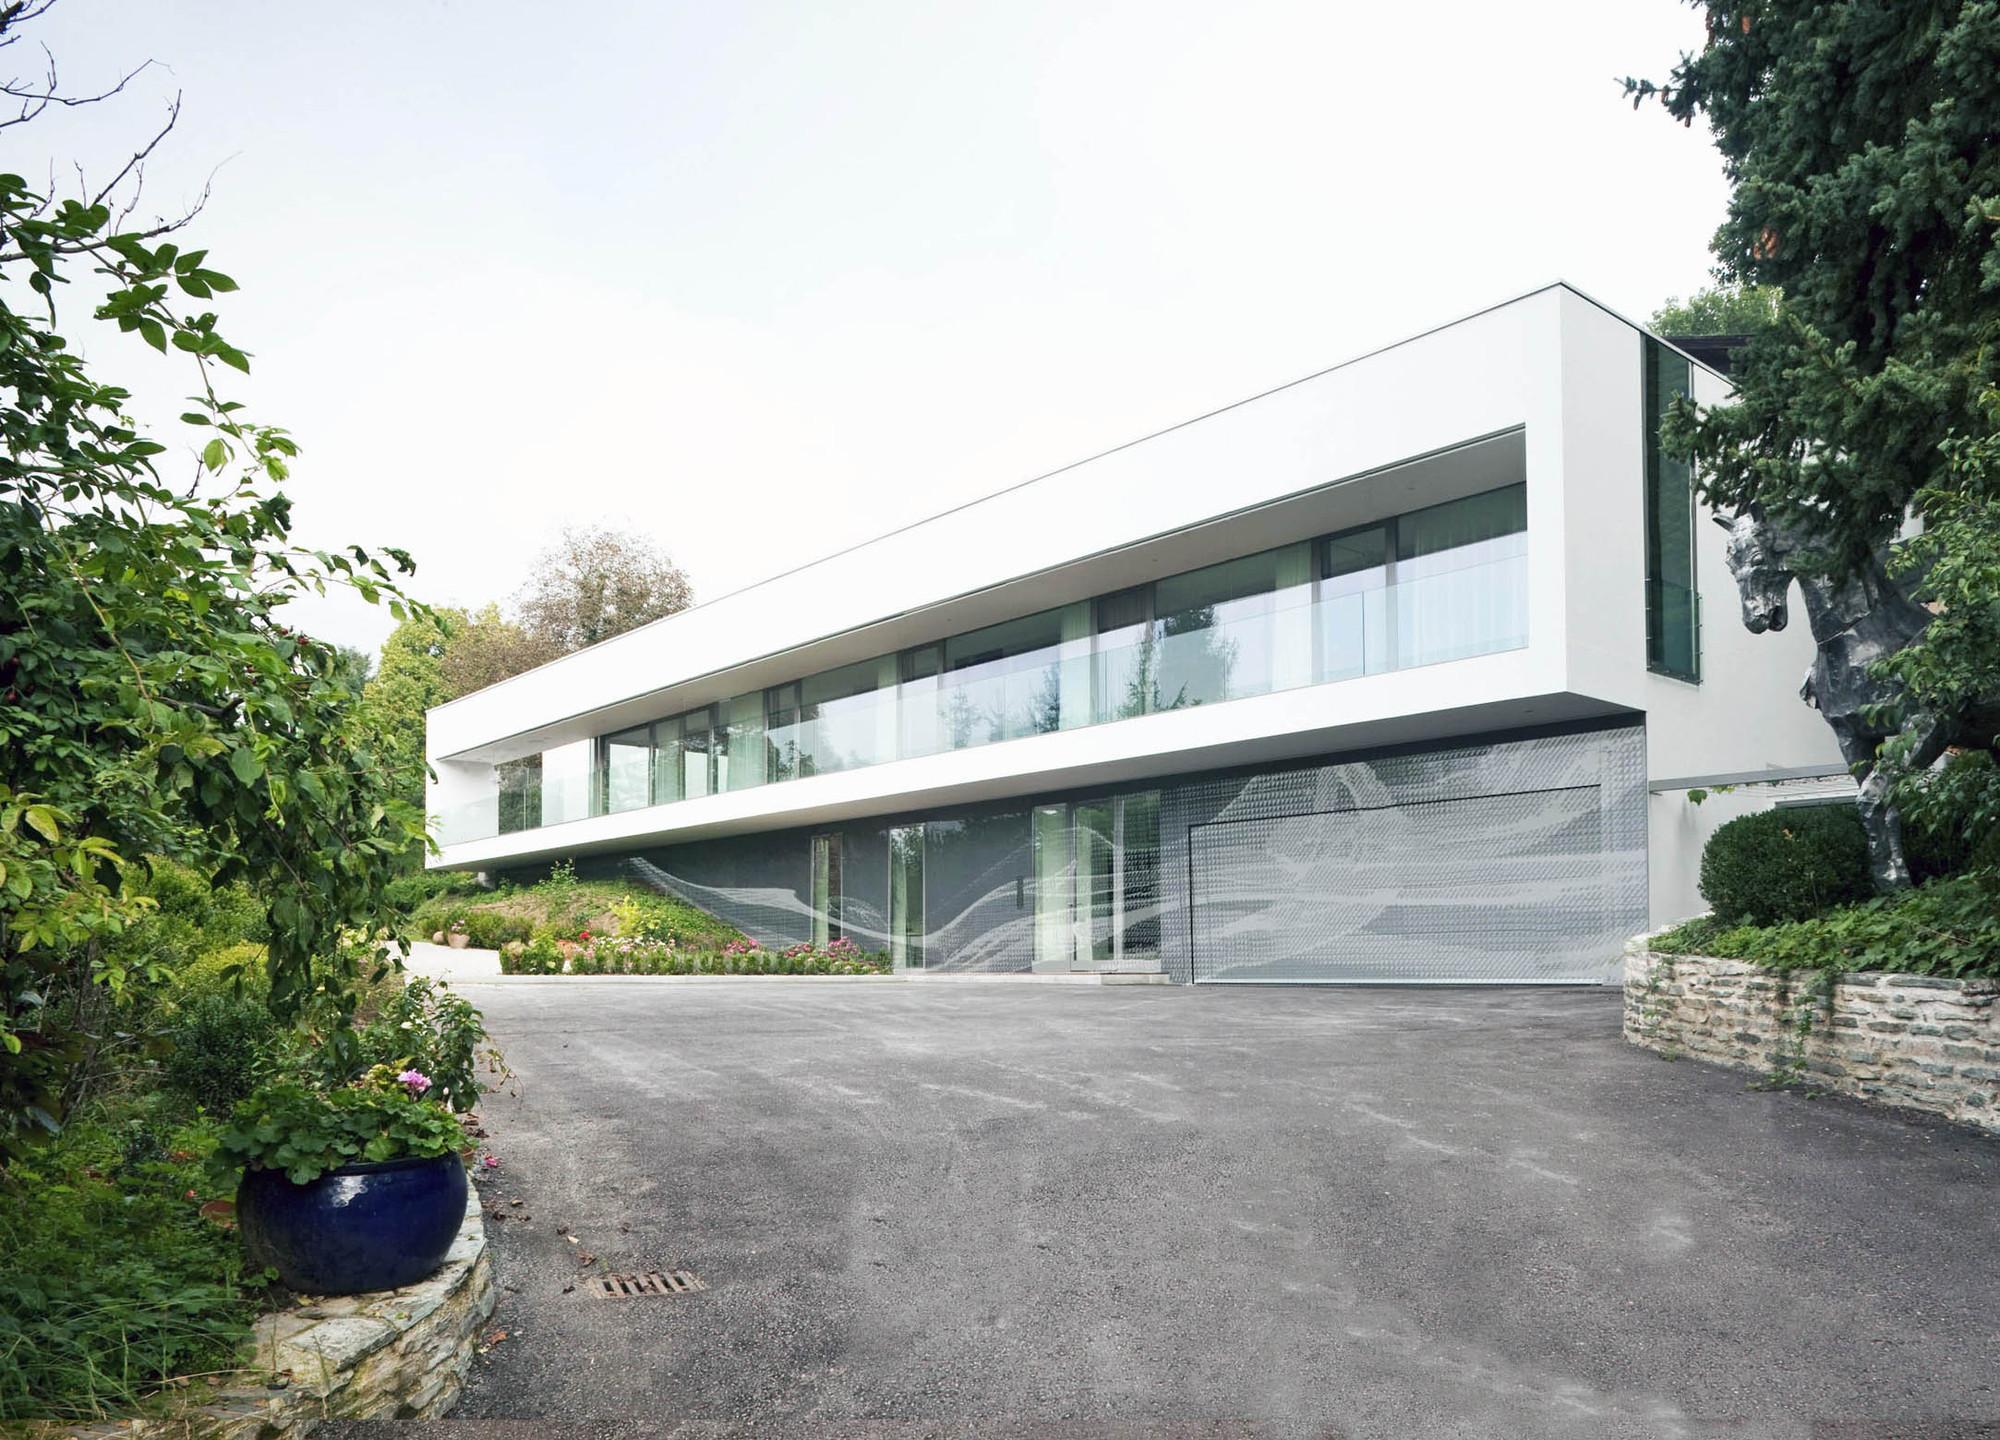 House S / Smertnik Kraut Architekten, © Andrew Phelps